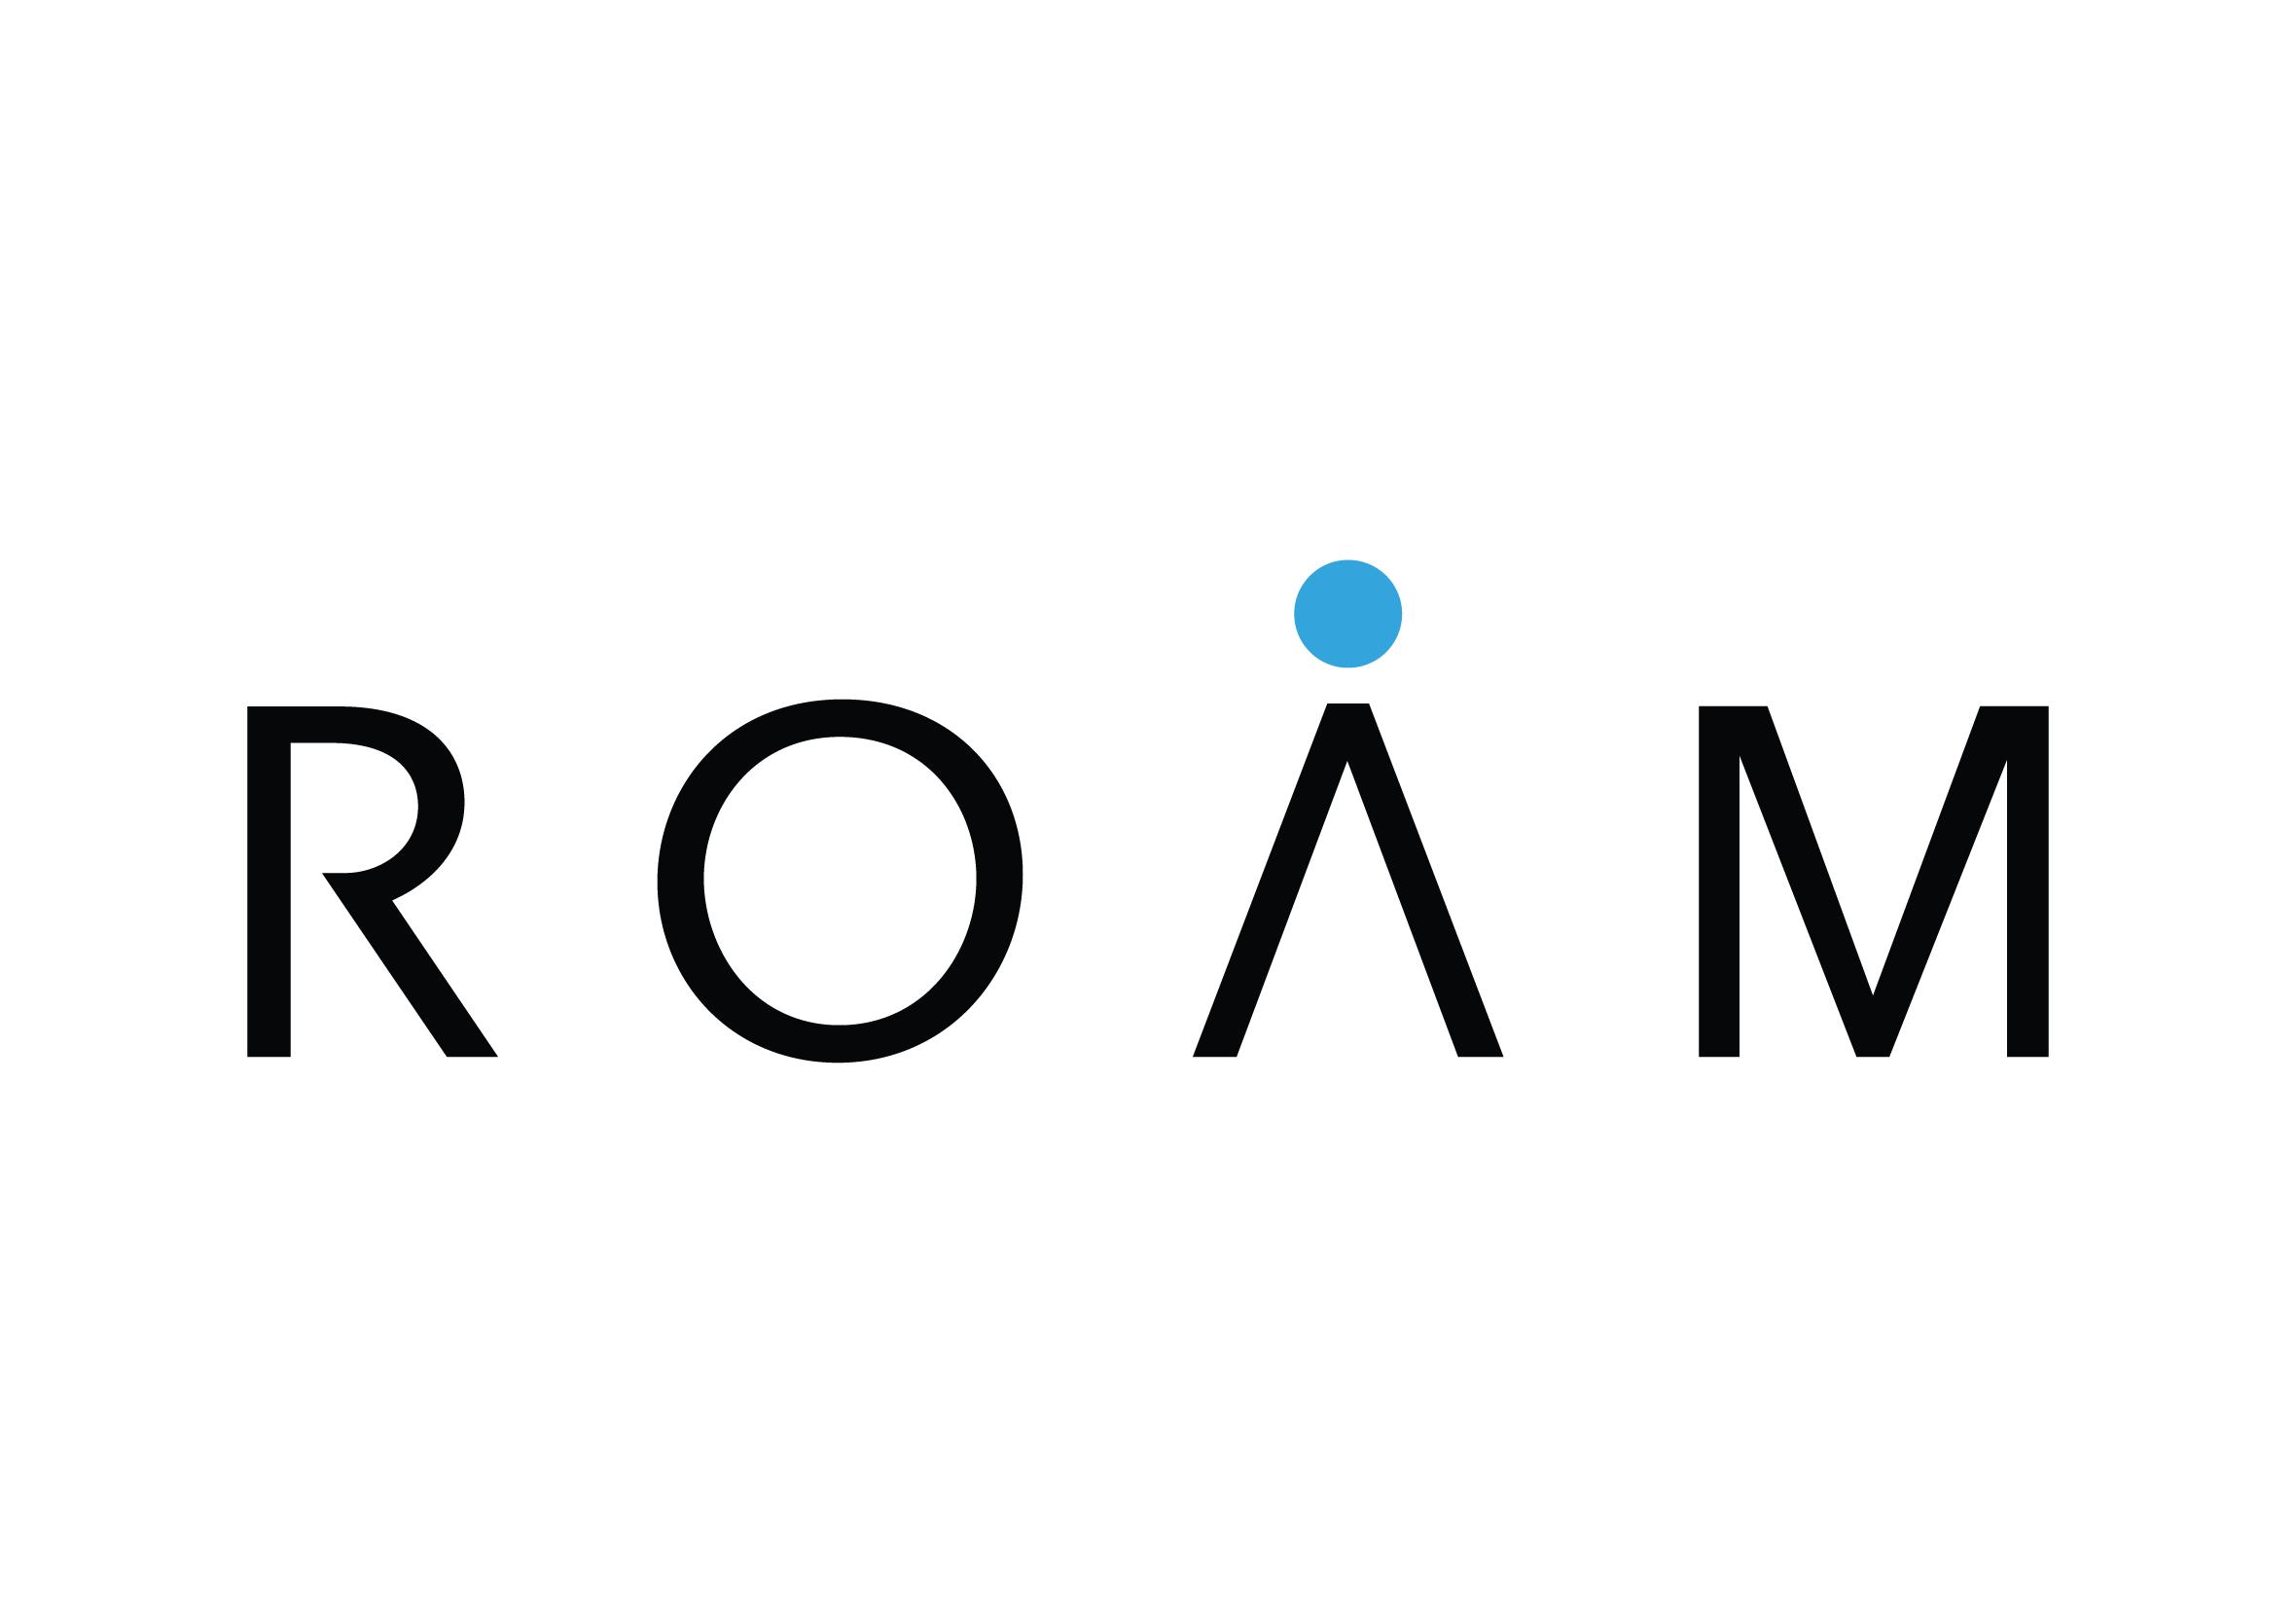 Roam_0.png